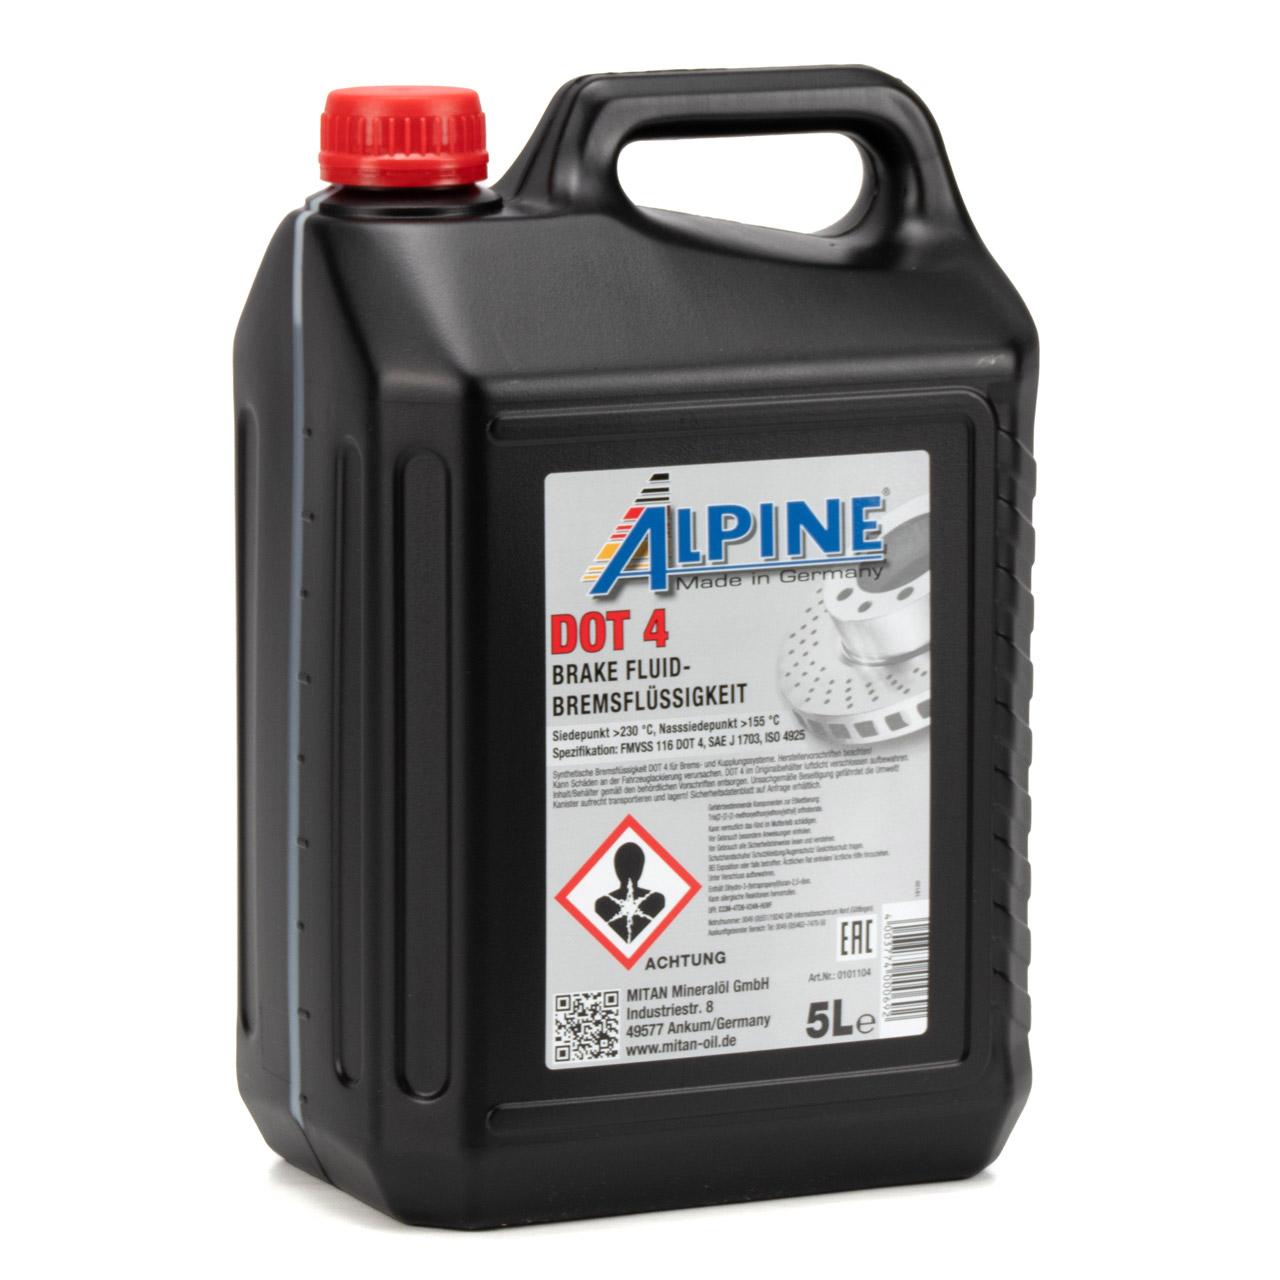 ALPINE 0101104 Bremsflüssigkeit Brake Fluid FMVSS 1116 DOT 4 - 5L 5 Liter